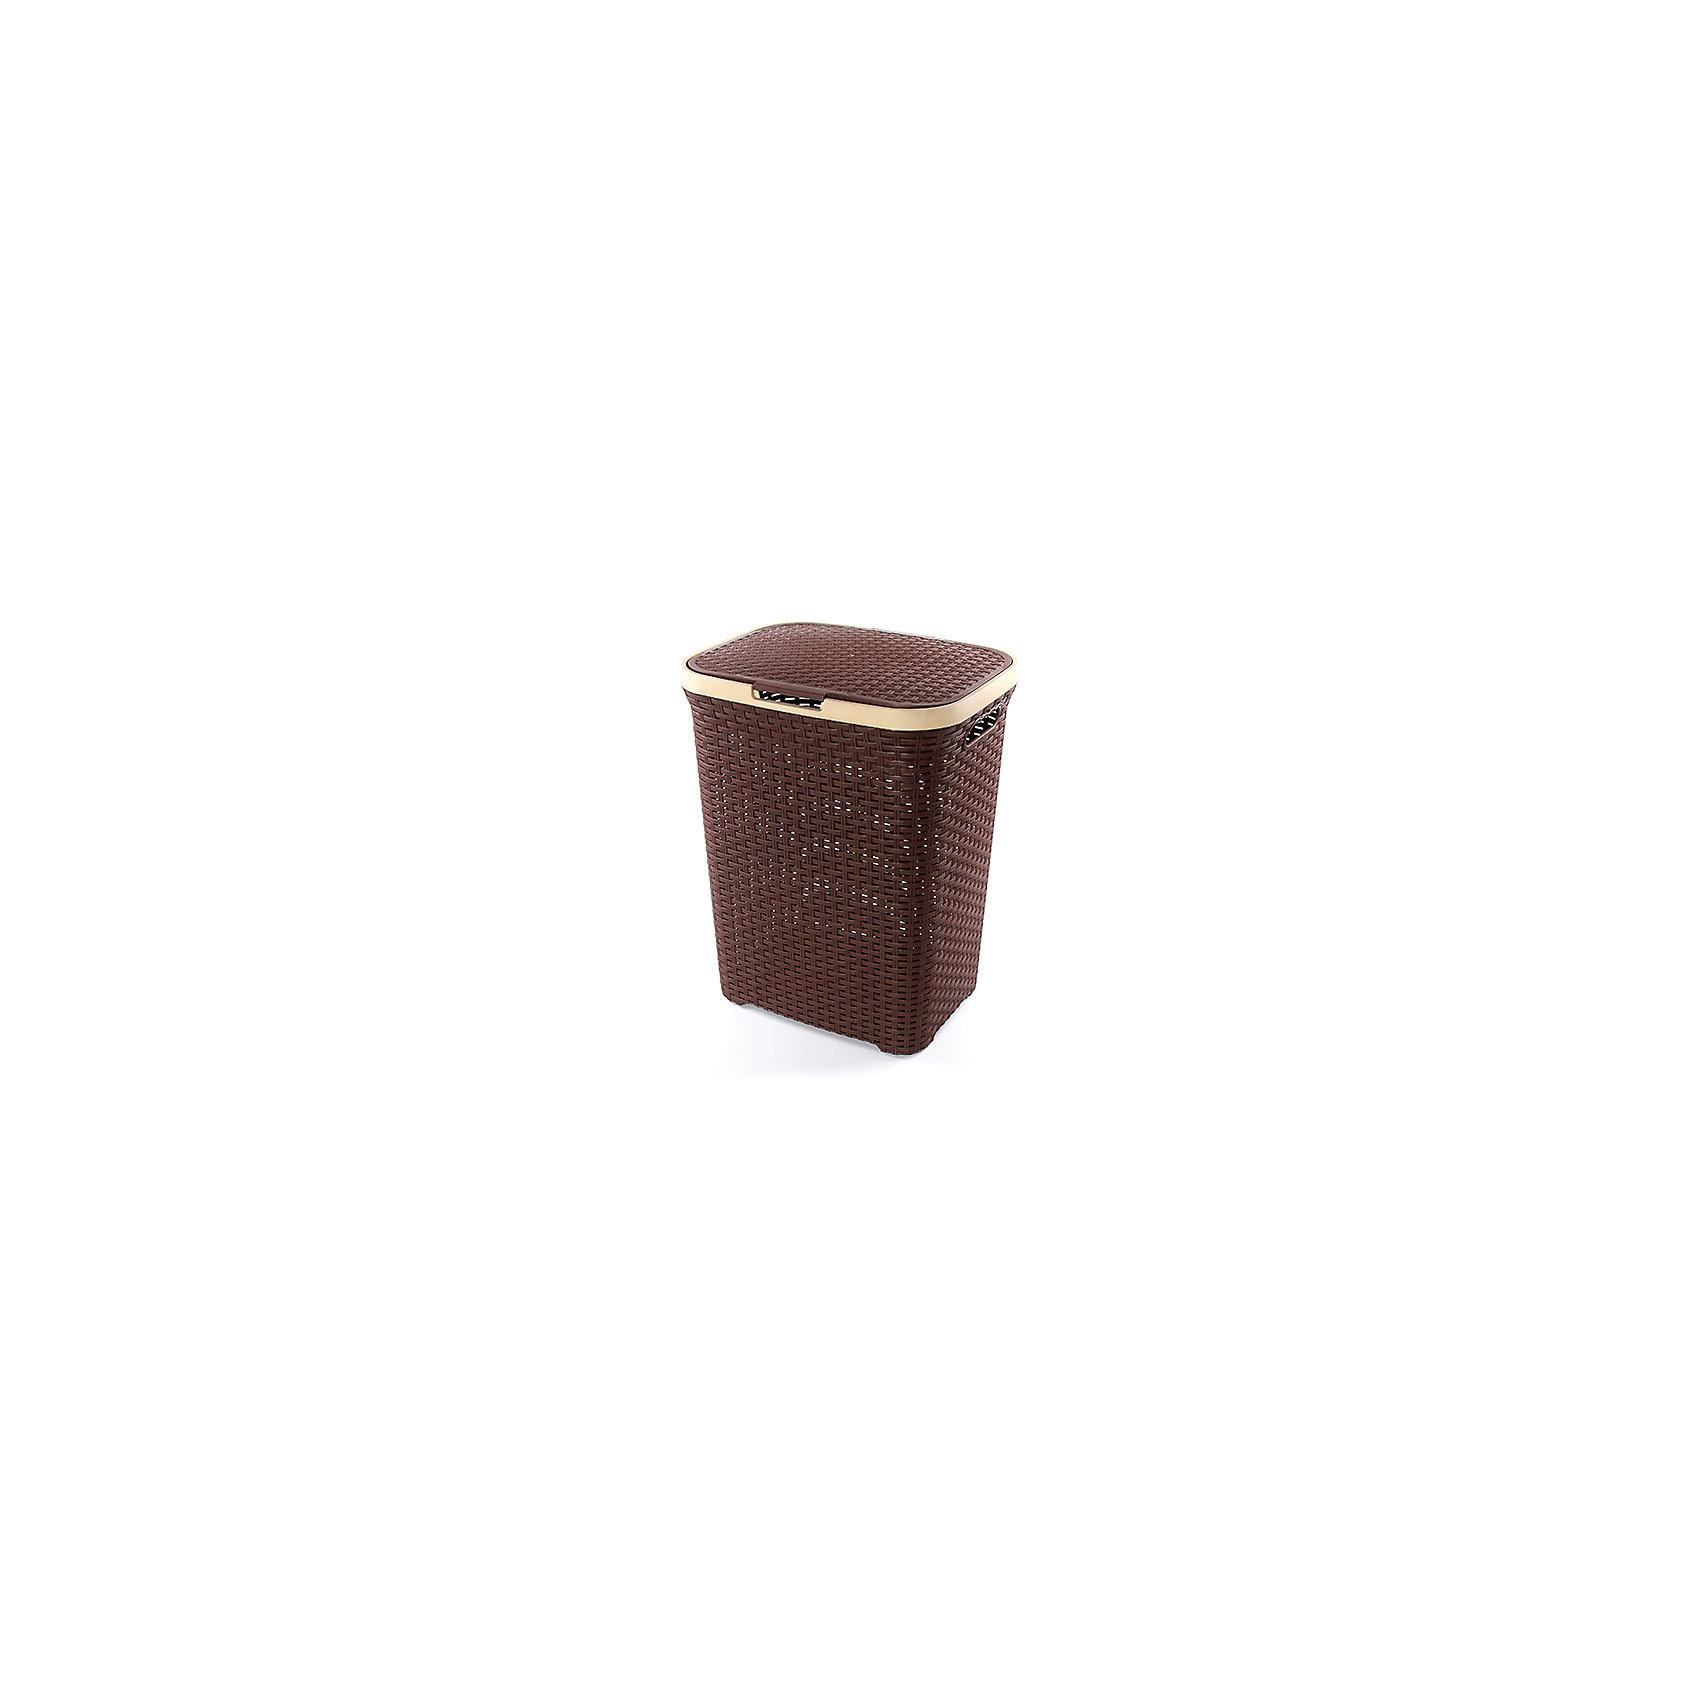 Корзина для белья 60 л.44*35*56 см. с крышкой Ротанг, Violet, коричневыйВанная комната<br>Корзина для белья 60 л.44*35*56 см. с крышкой Ротанг (коричневая), Violet Корзина для хранения - незаменимая вещь для эргономичного хранения самого необходимого. Отличное решение для организации жилого пространства.<br><br>Ширина мм: 440<br>Глубина мм: 350<br>Высота мм: 560<br>Вес г: 1620<br>Возраст от месяцев: 0<br>Возраст до месяцев: 1188<br>Пол: Унисекс<br>Возраст: Детский<br>SKU: 6668840